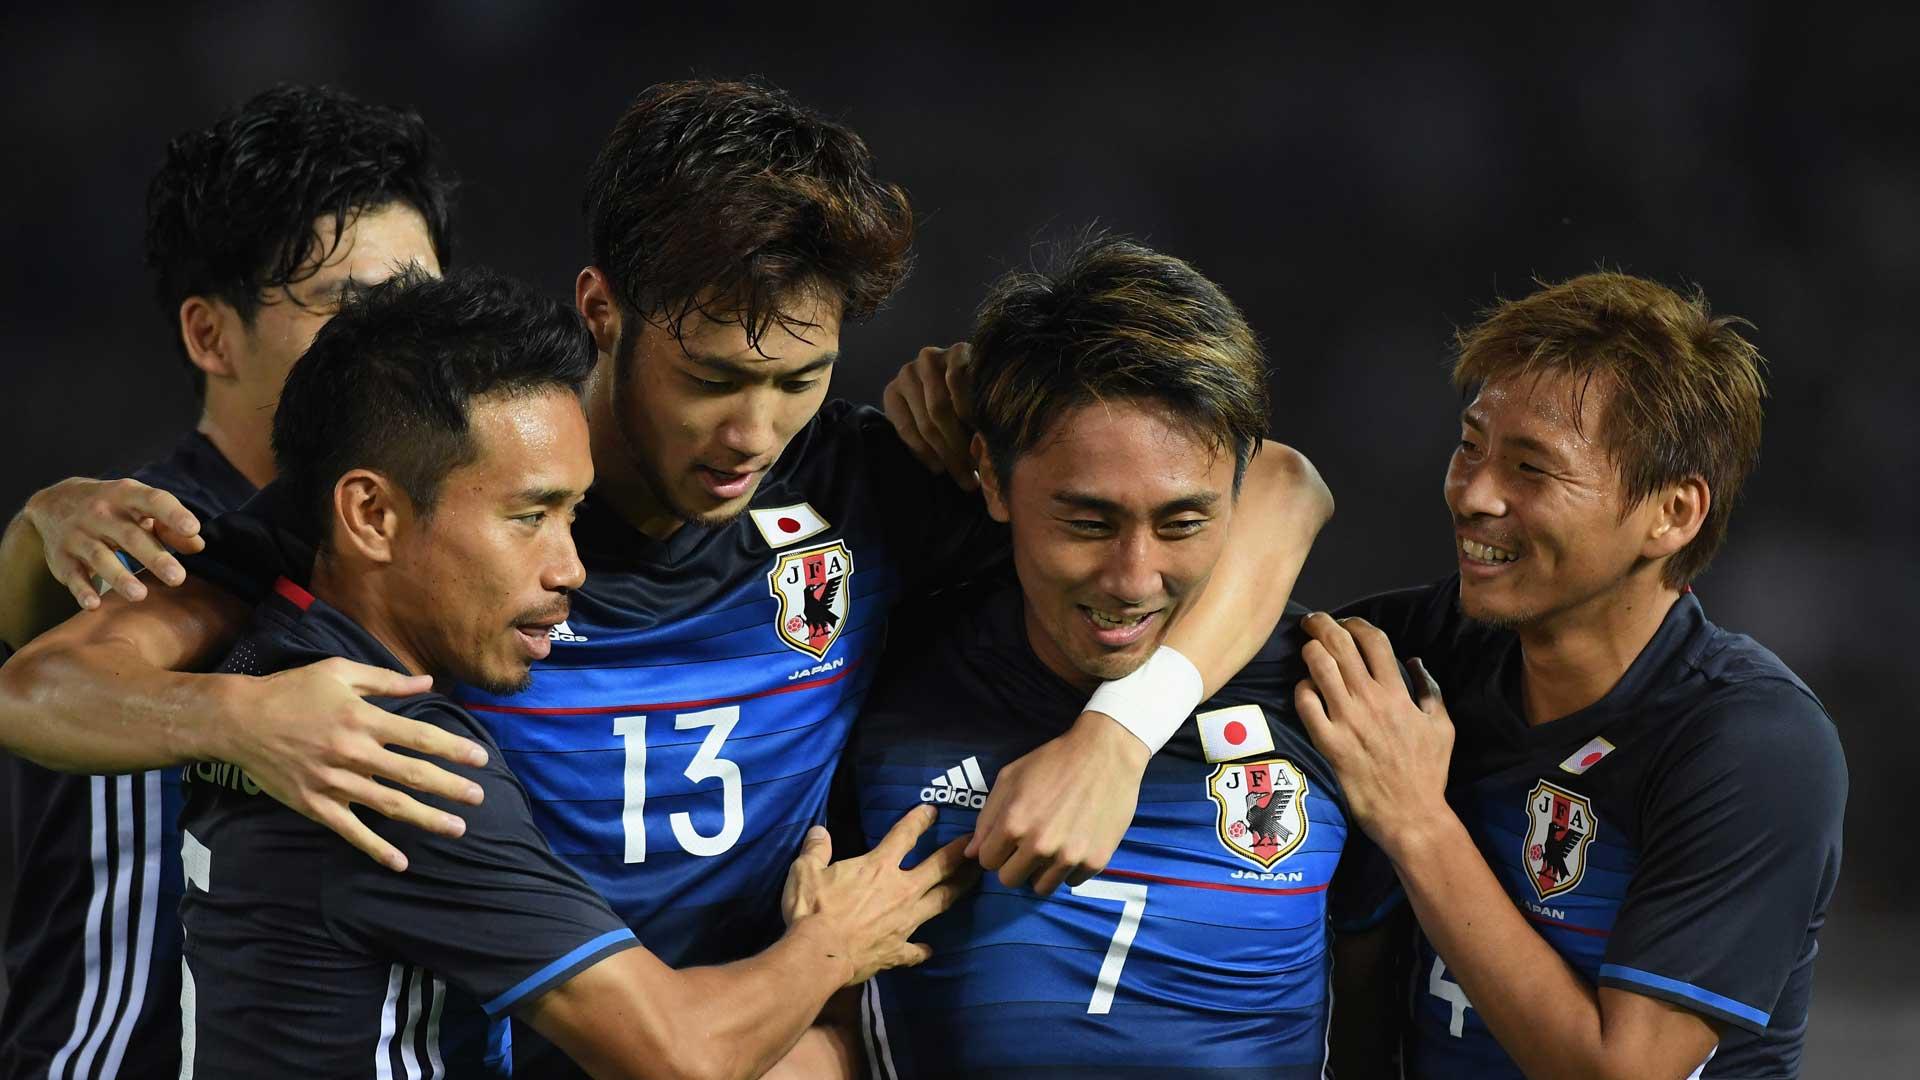 Tite simula amistoso contra Japão como um jogo de Copa do Mundo